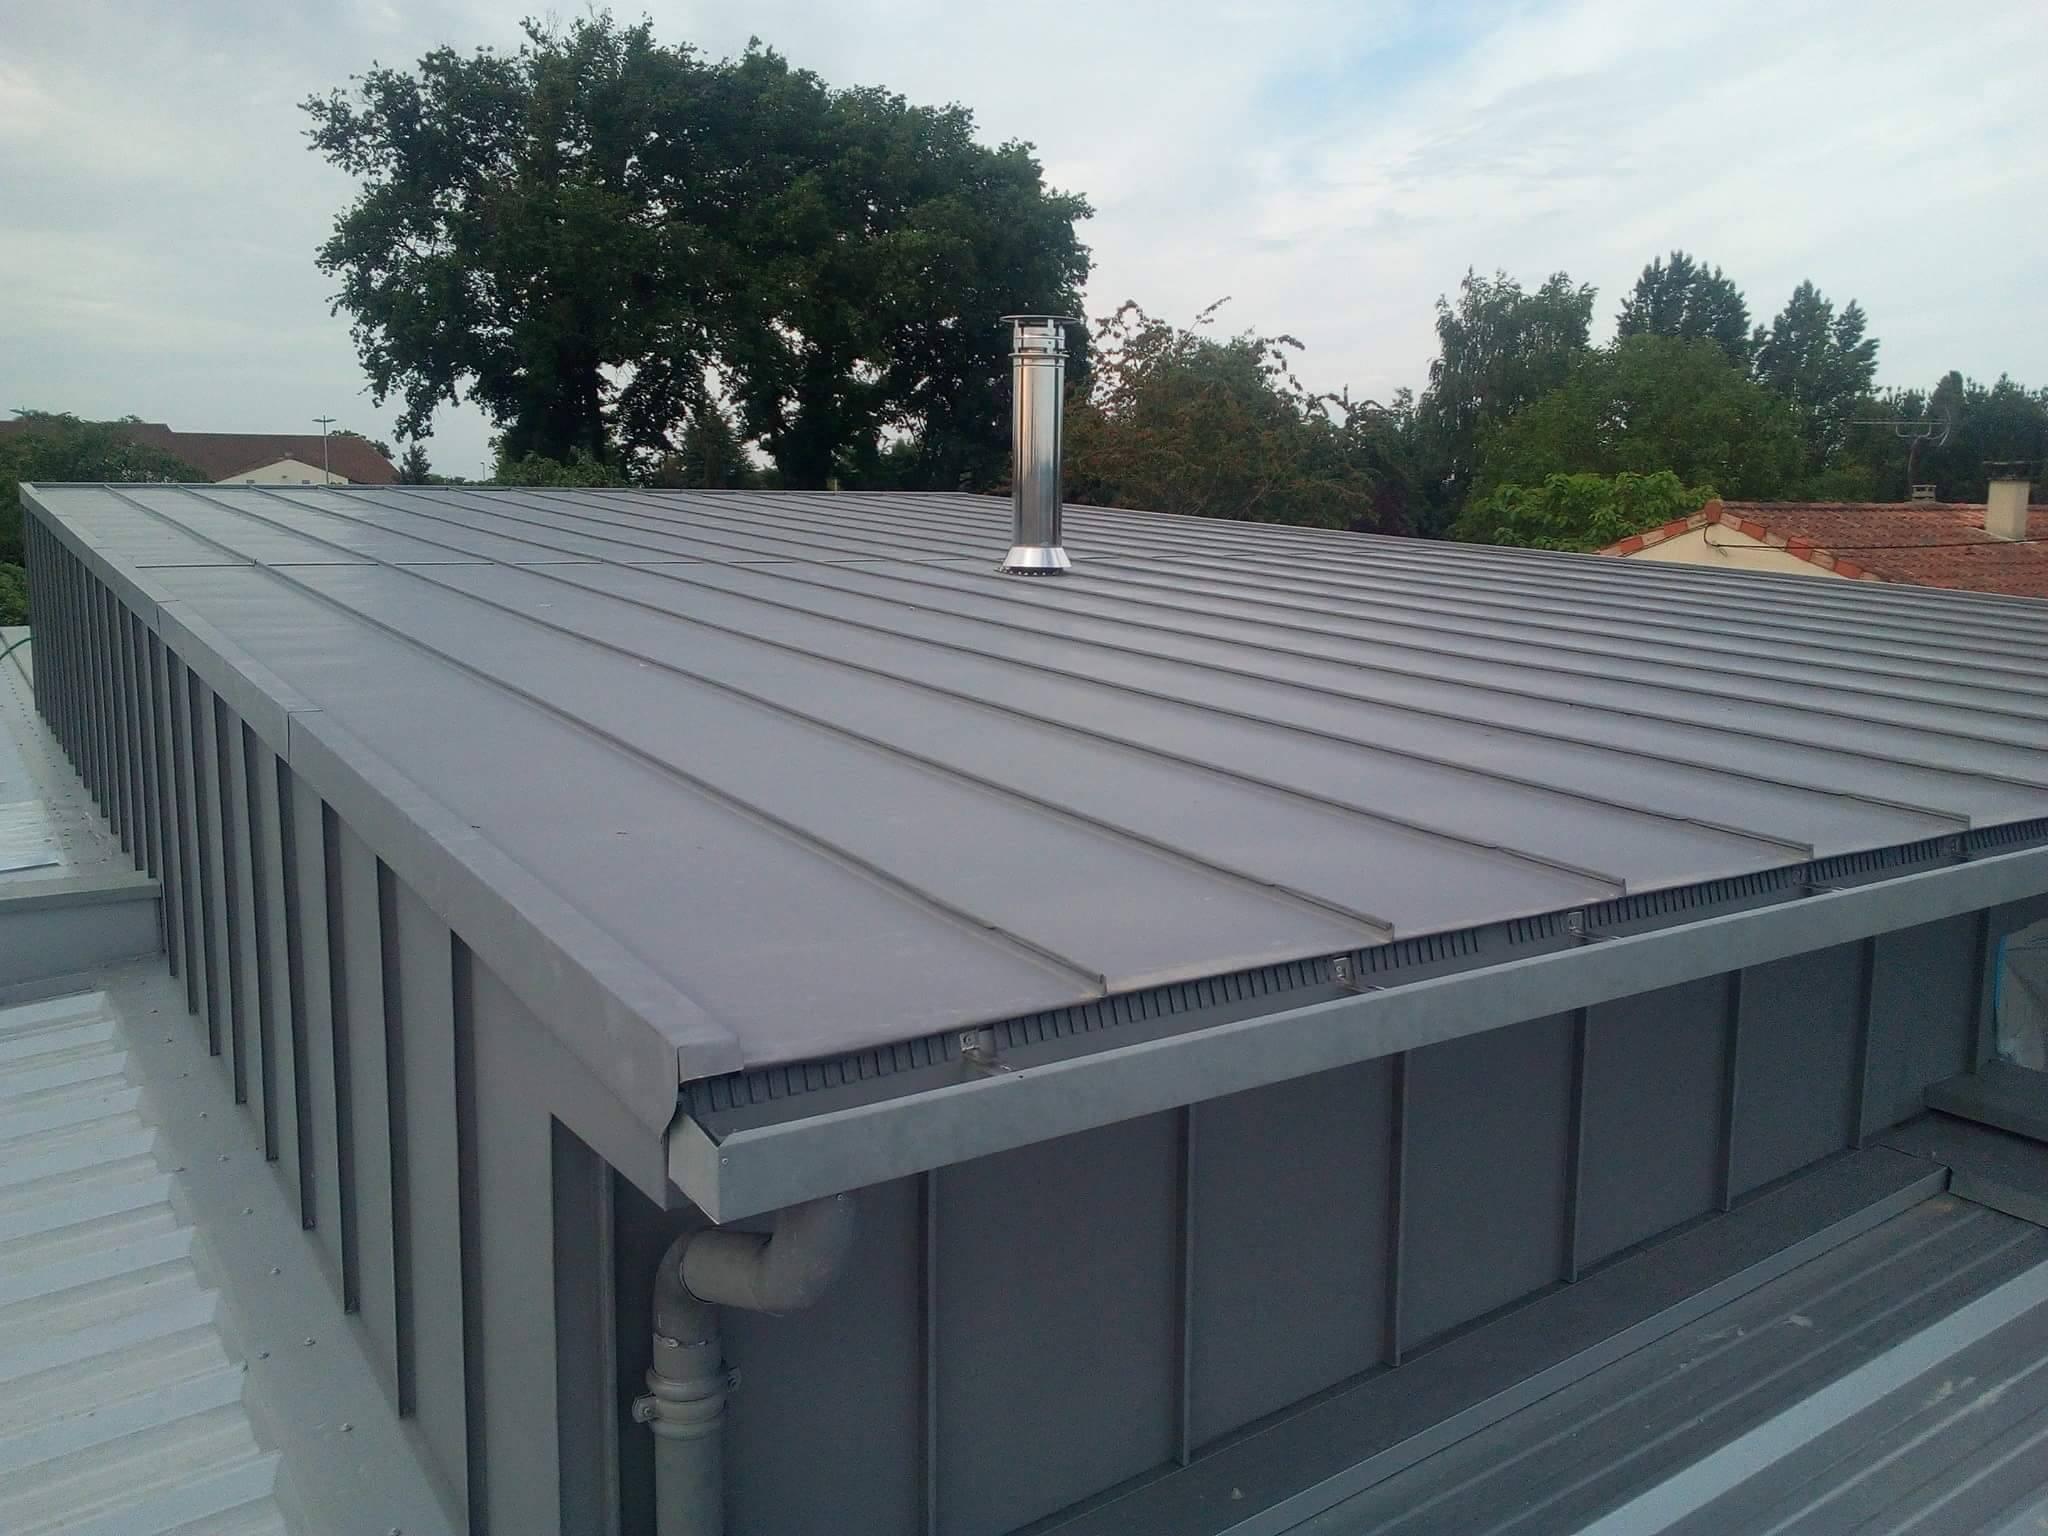 habillage de toit en zinc et sous-face à Niort - poseur de gouttières